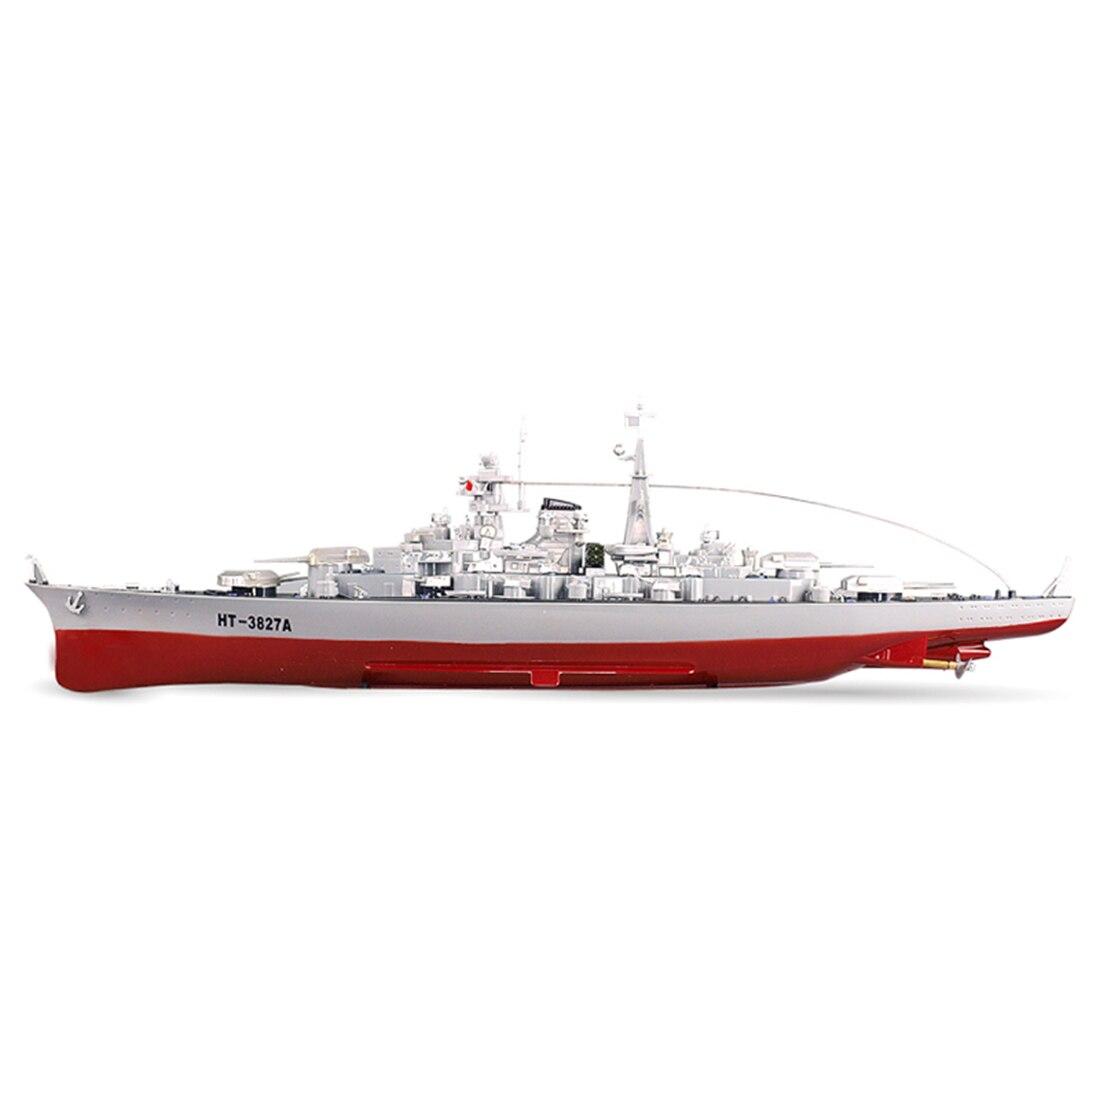 Heißer 71cm 1: 360 RC Military Schlacht RC Cruiser Warship Spielzeug Control Military RC Boot Destroyer Modell Spielzeug Besten Geschenke UNS Stecker-in RC-Boote aus Spielzeug und Hobbys bei  Gruppe 1